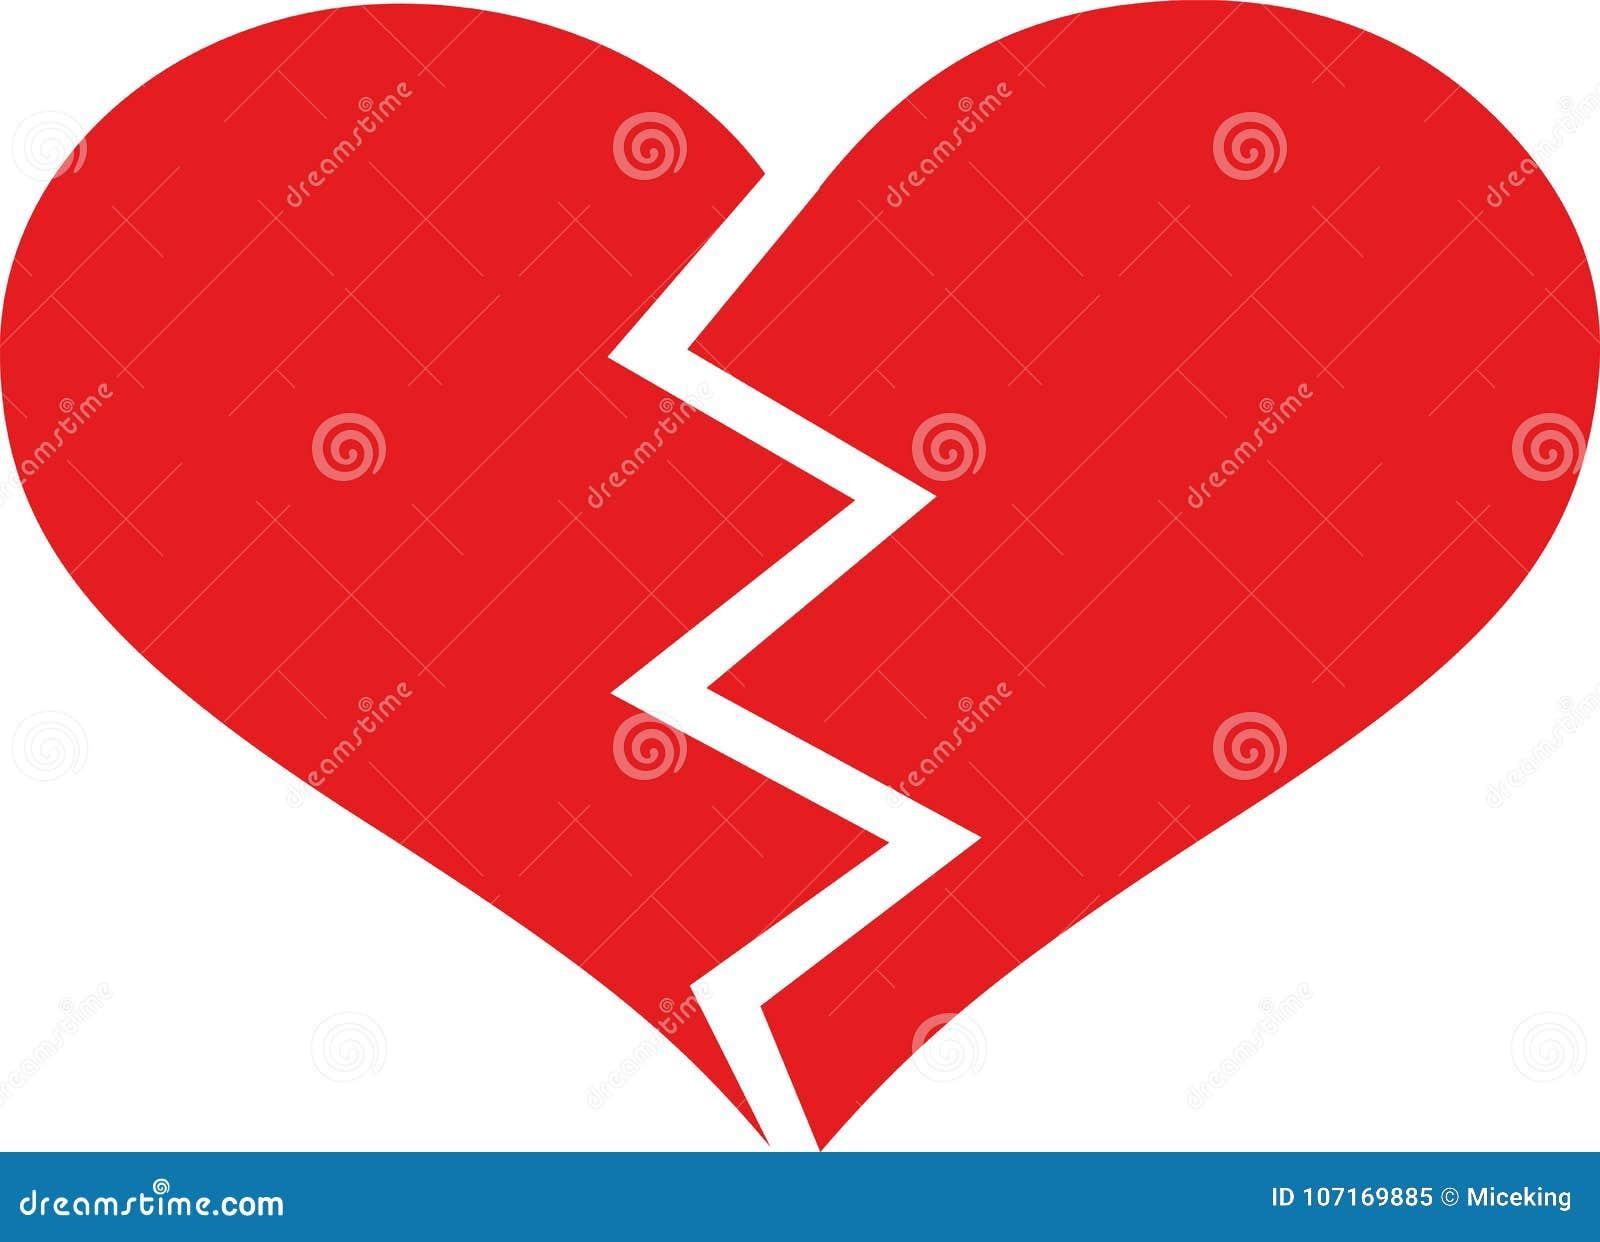 D Heart Love Stock Illustrations 520788 D Heart Love Stock